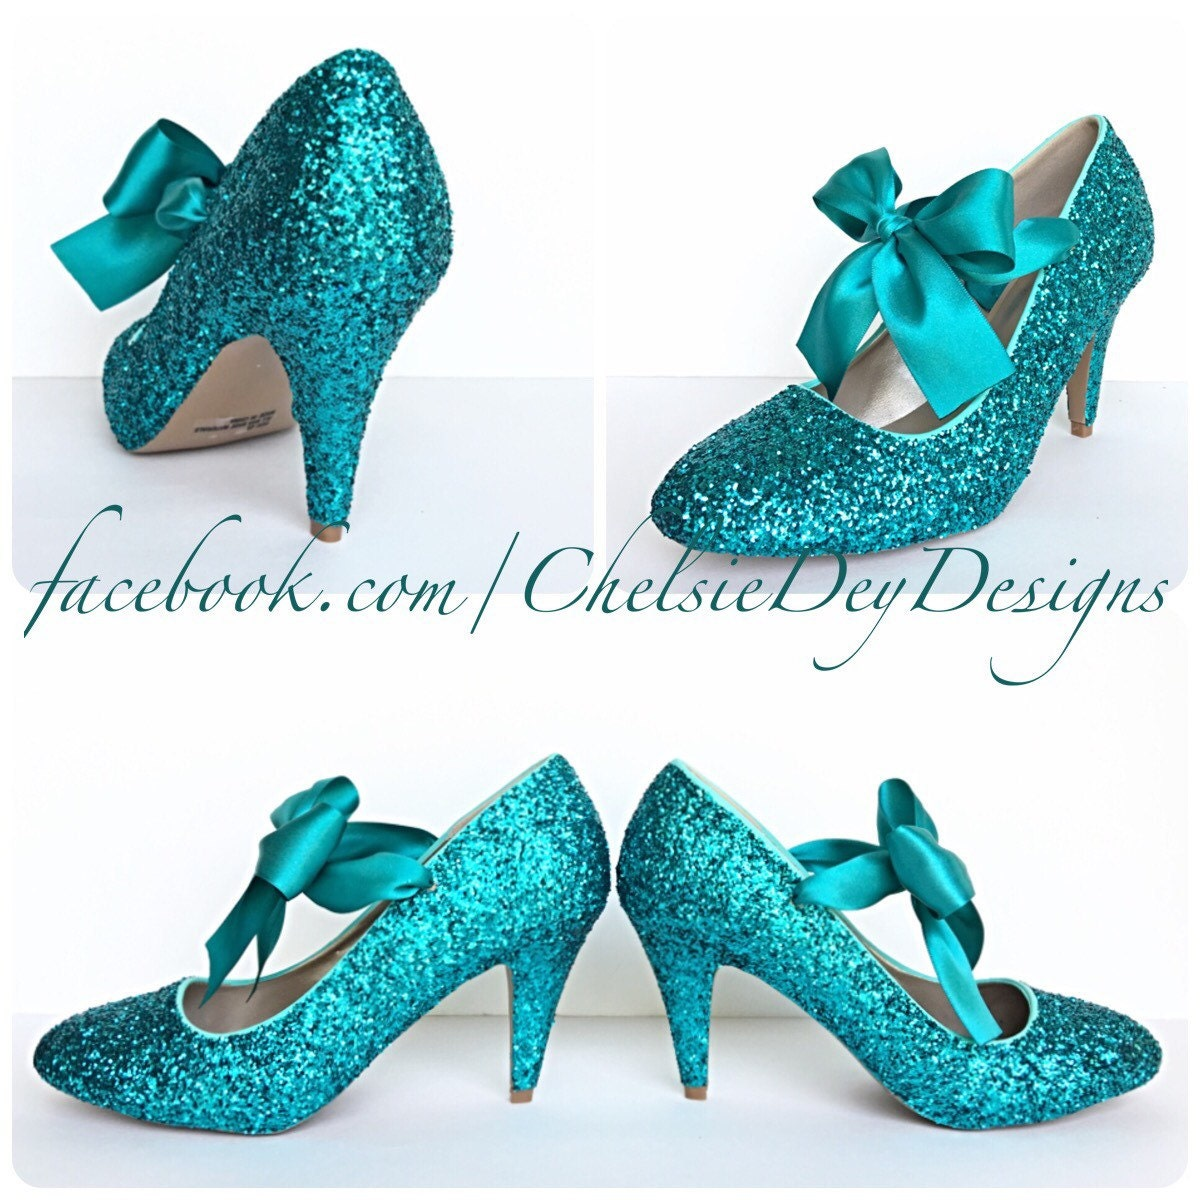 904254e7dec Teal Glitter High Heels Aqua Turquoise Blue Pumps Sparkly